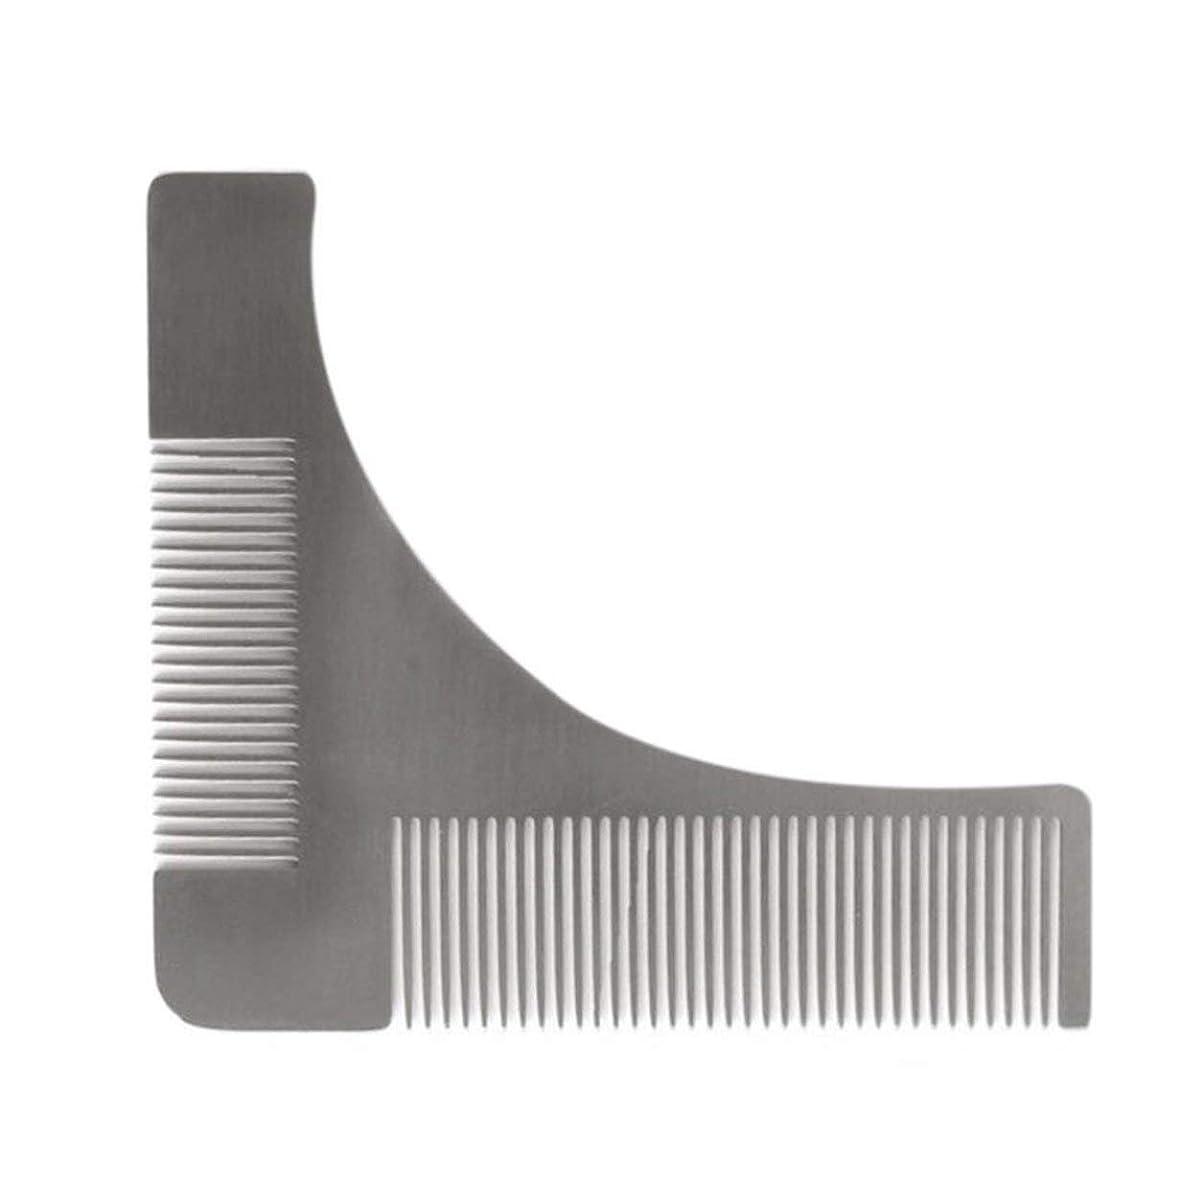 シルエット農村潜在的なSaikogoods 頬顎口ひげのためのステンレス鋼 ビアードトリミングくし シェーピングスタイリングテンプレート 紳士ヒゲトリマーツール 銀